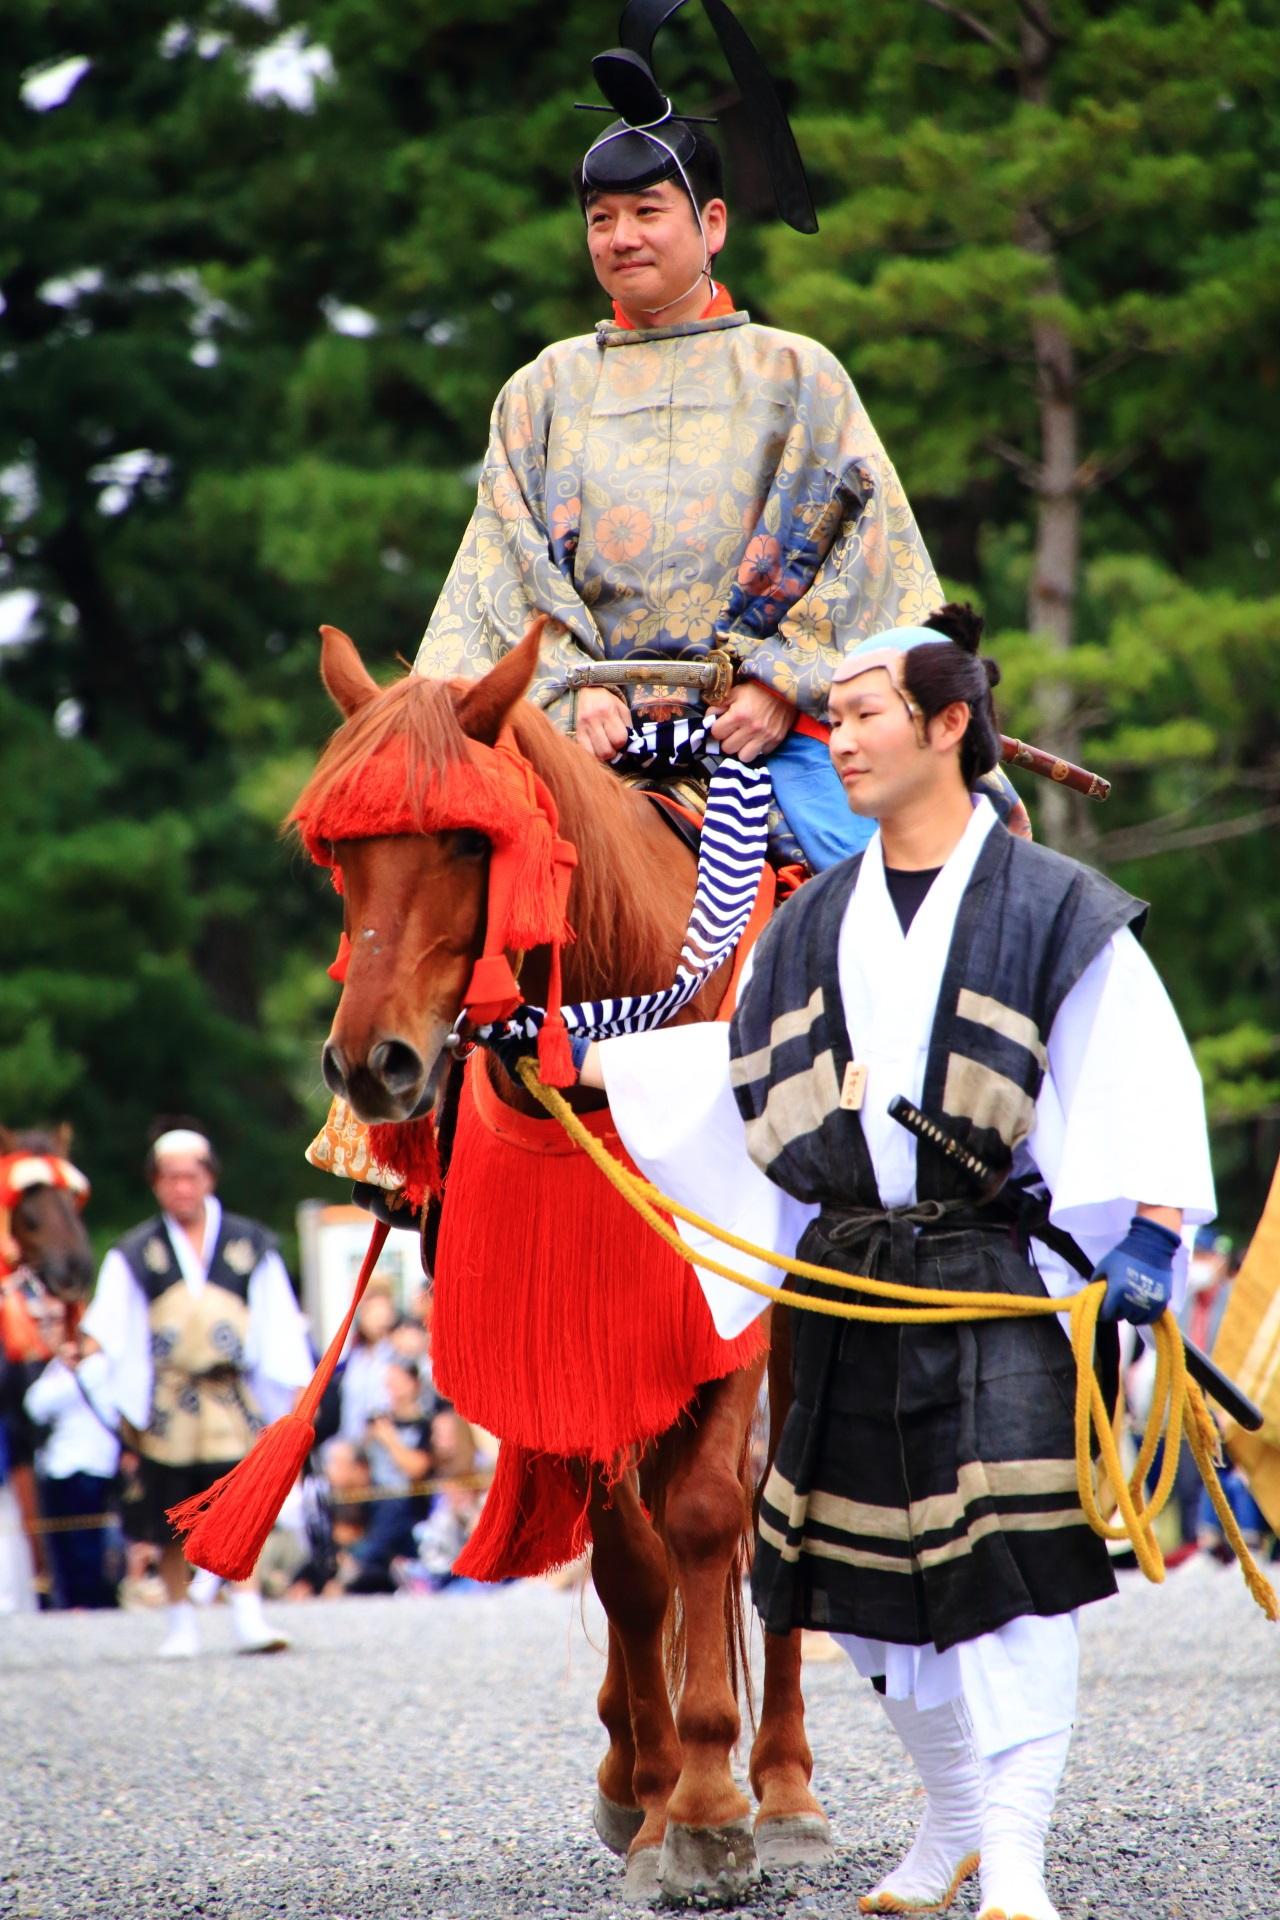 京都三大祭の時代祭の時代絵巻行列